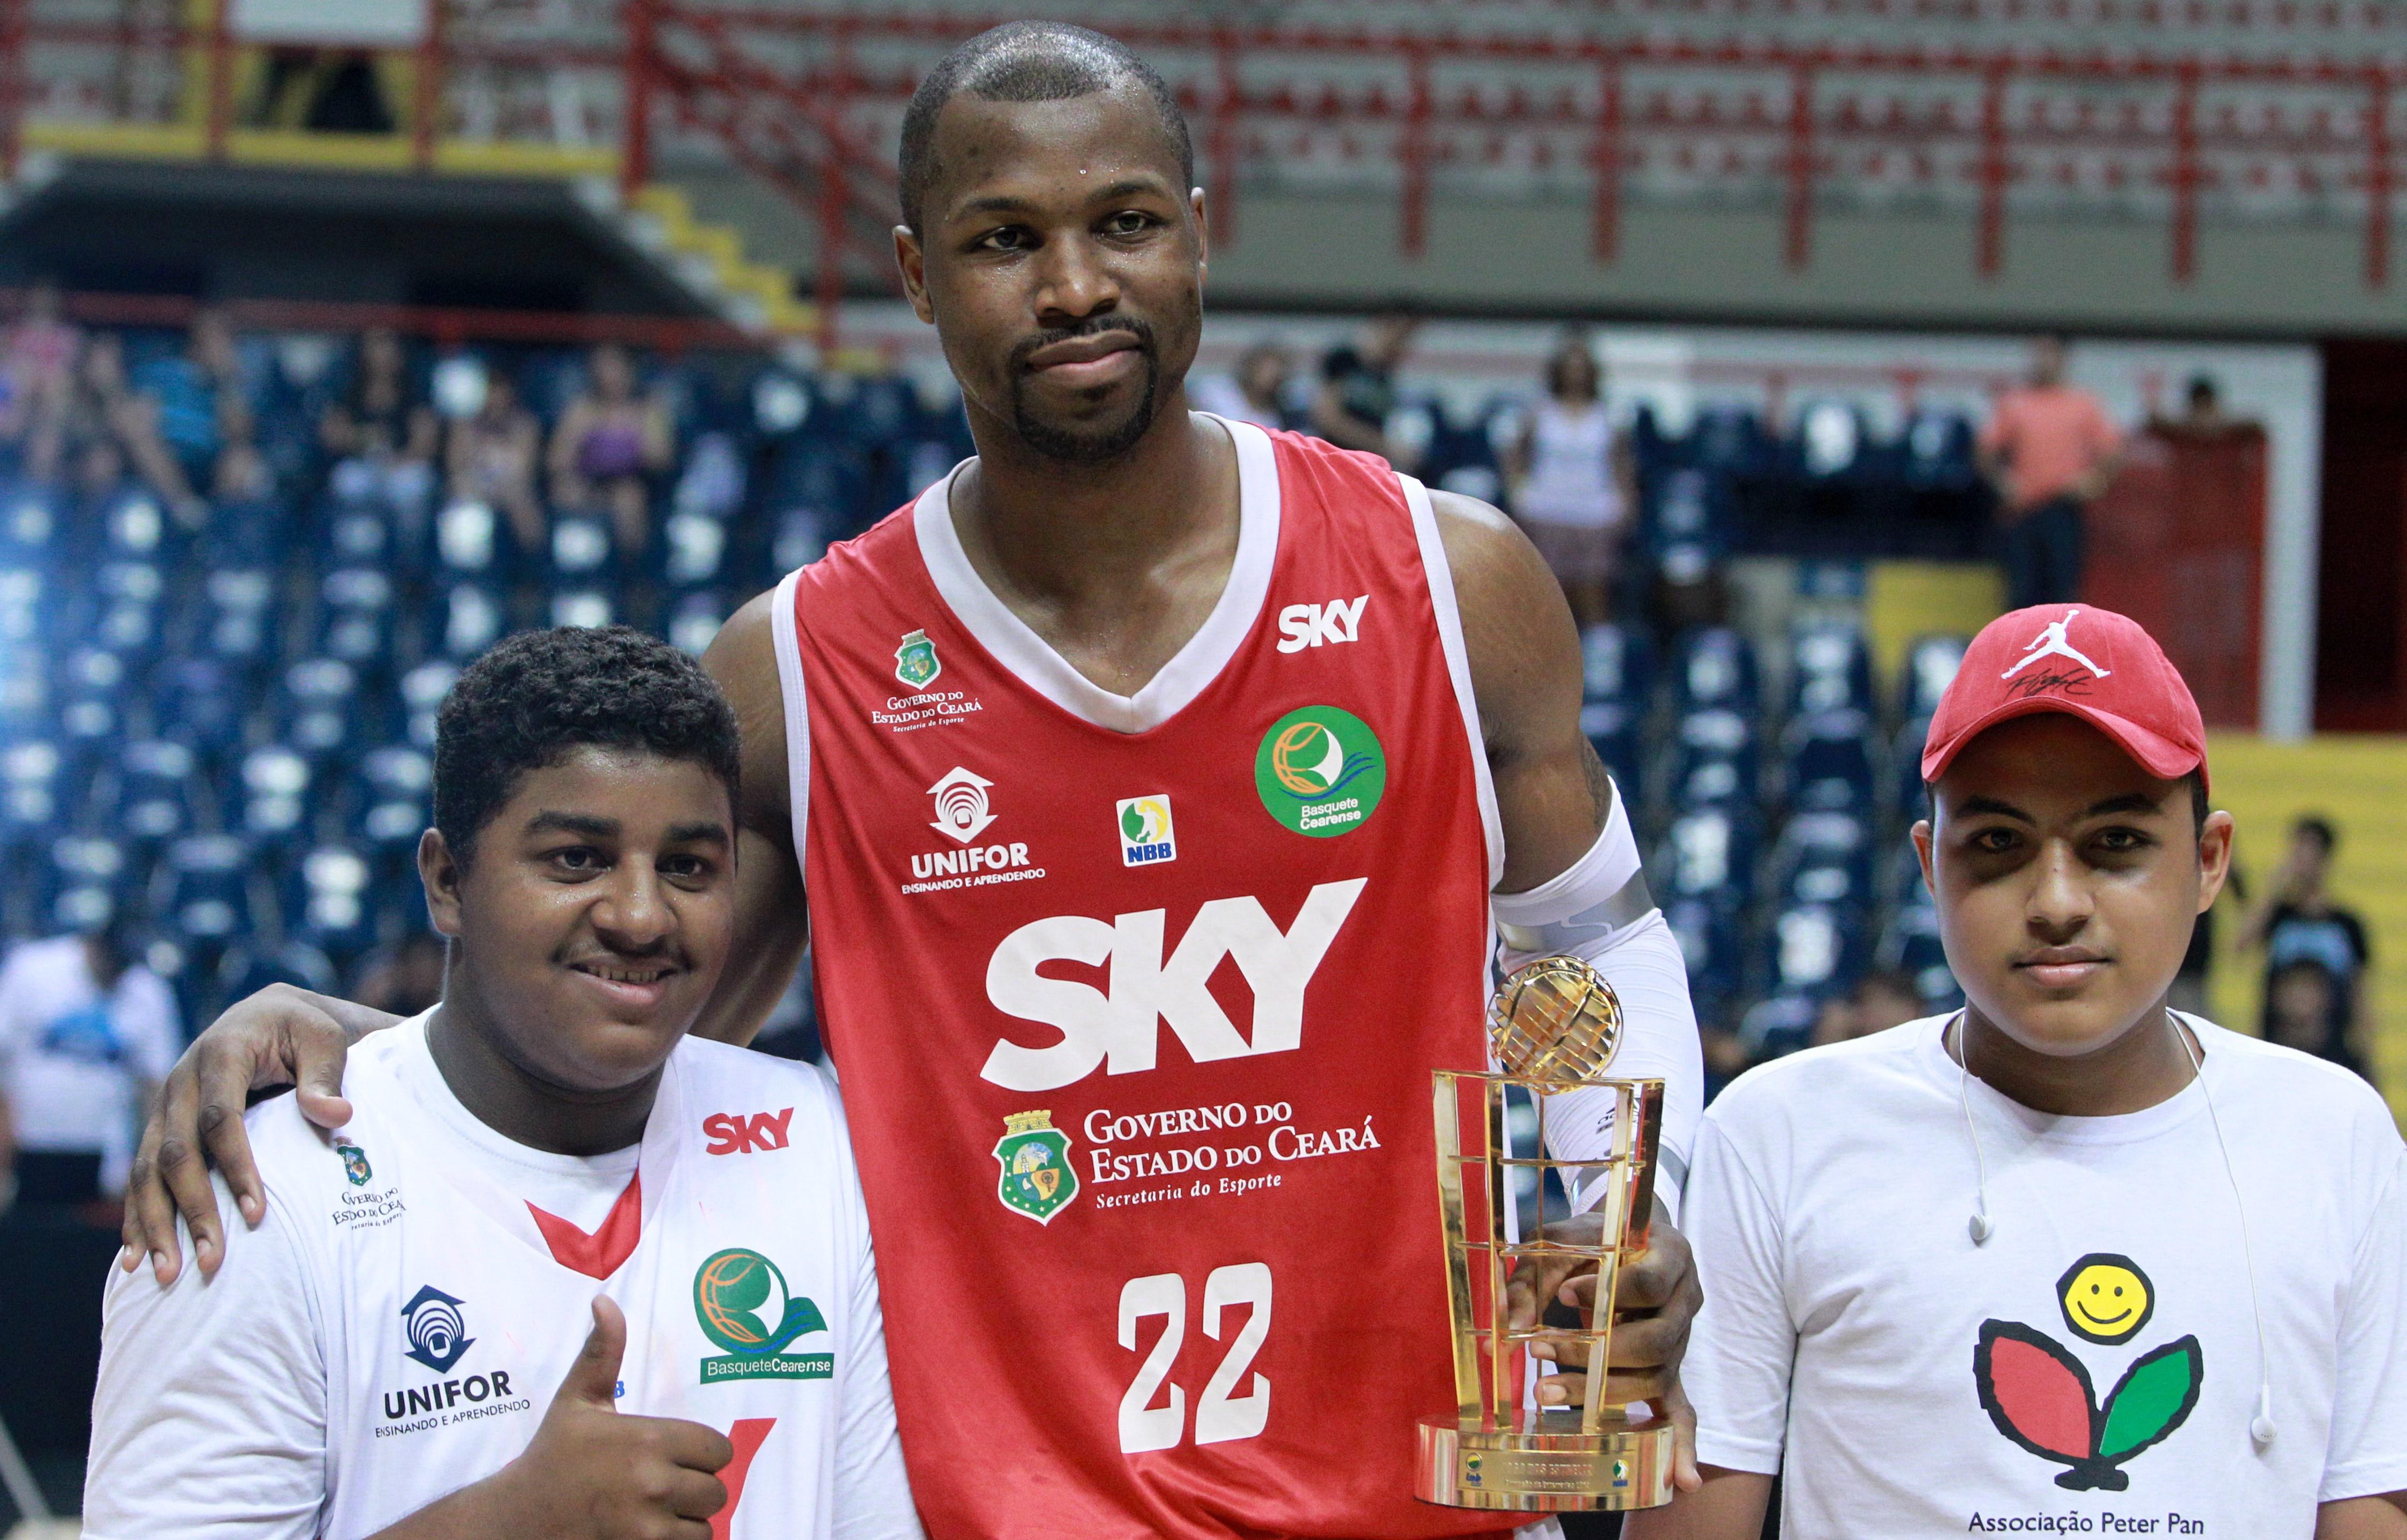 Explosão física e criatividade: DeVon ficou com o troféu de campeão do último Torneio de Enterradas do NBB (Luiz Pires/LNB)